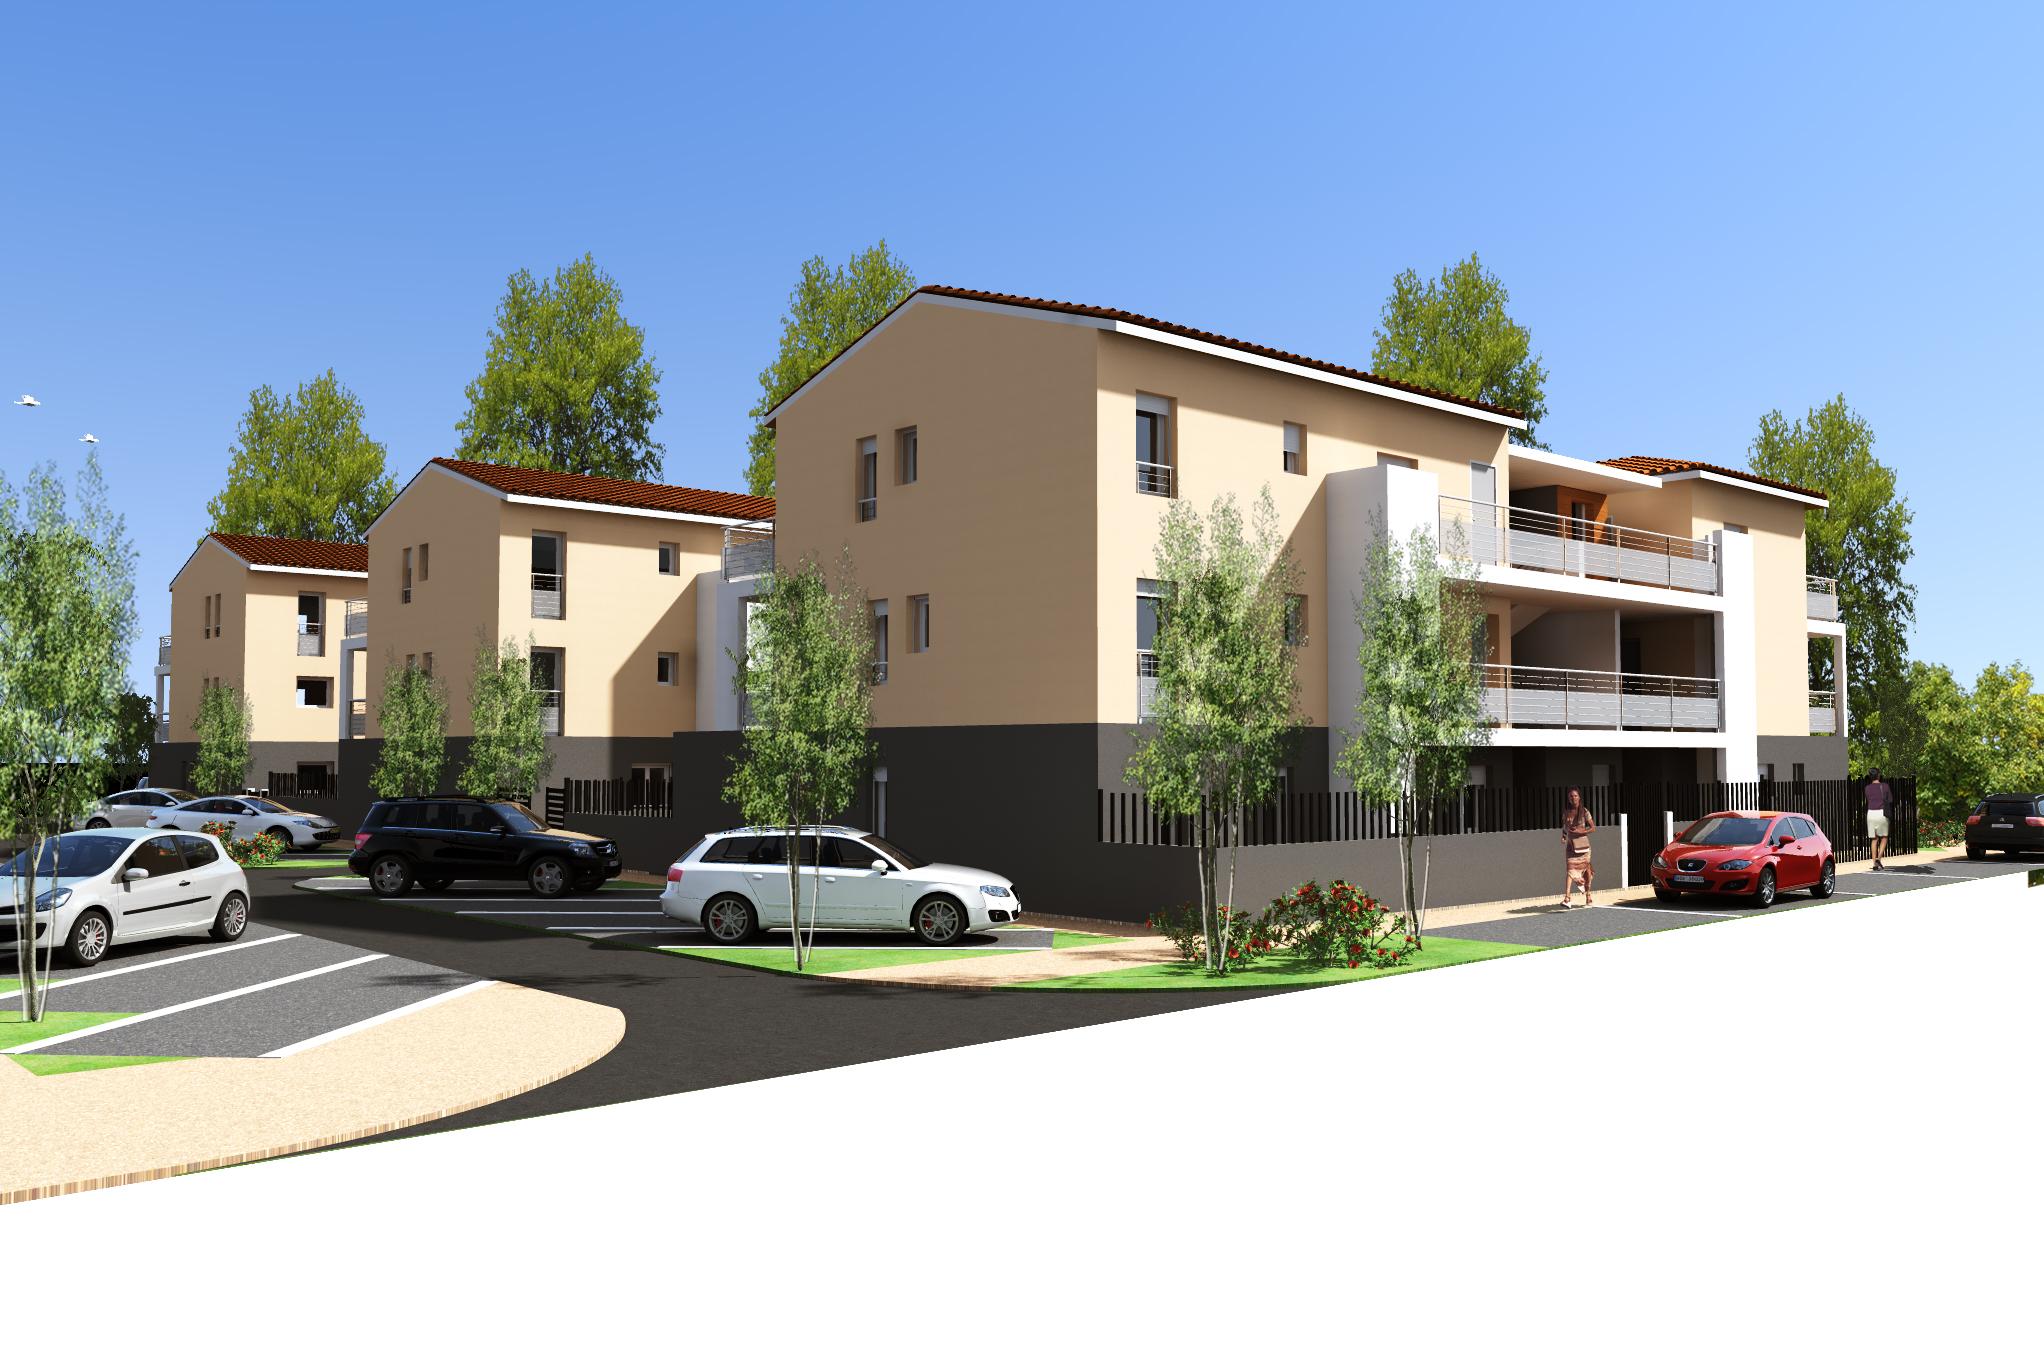 Maisons du constructeur MAISON DU DAUPHINE • 48 m² • CLEON D'ANDRAN